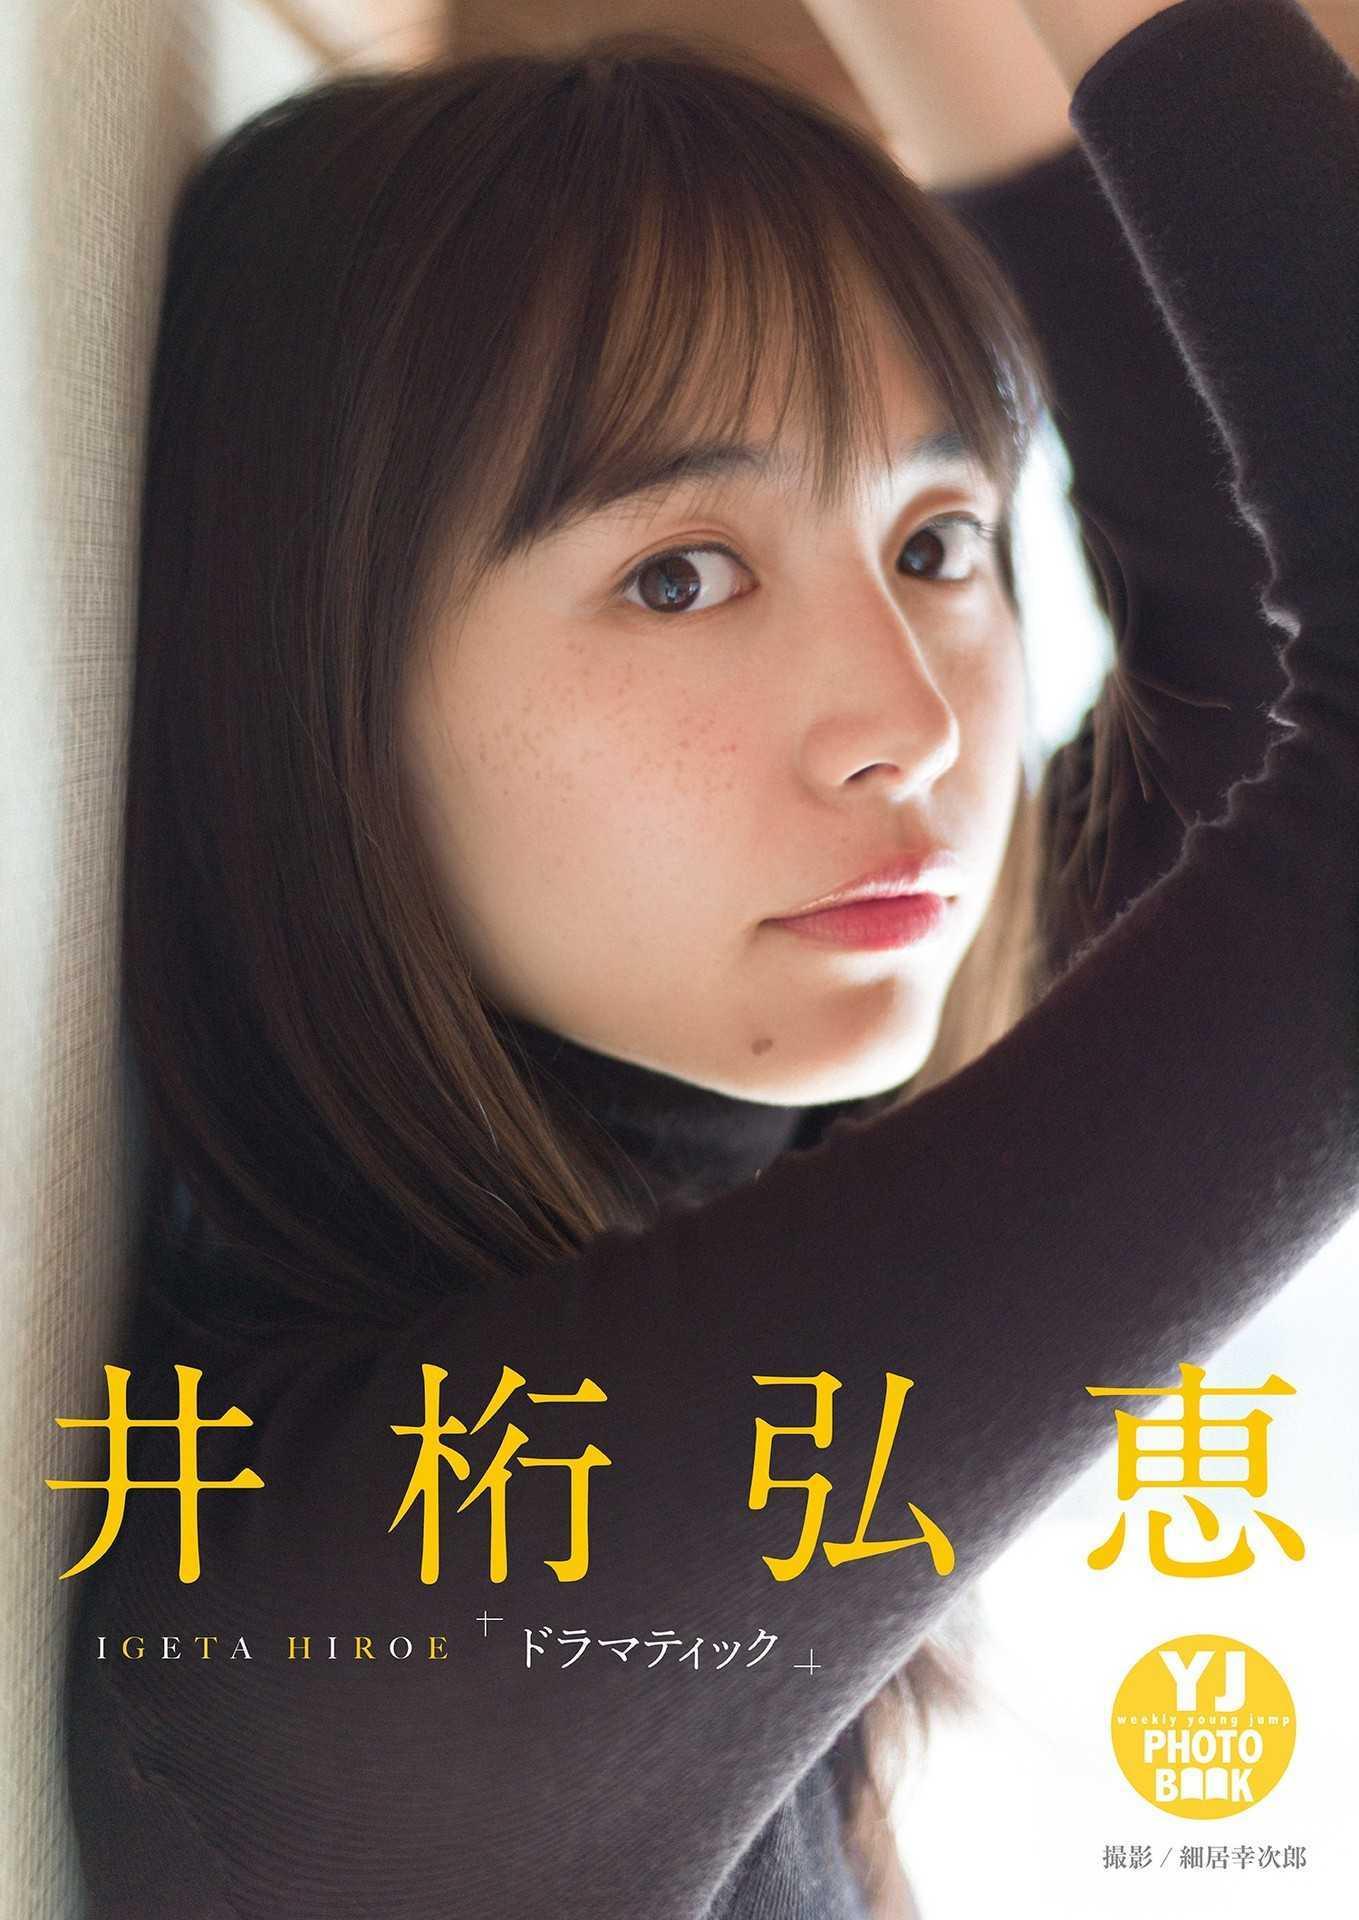 井桁弘恵 写真集001